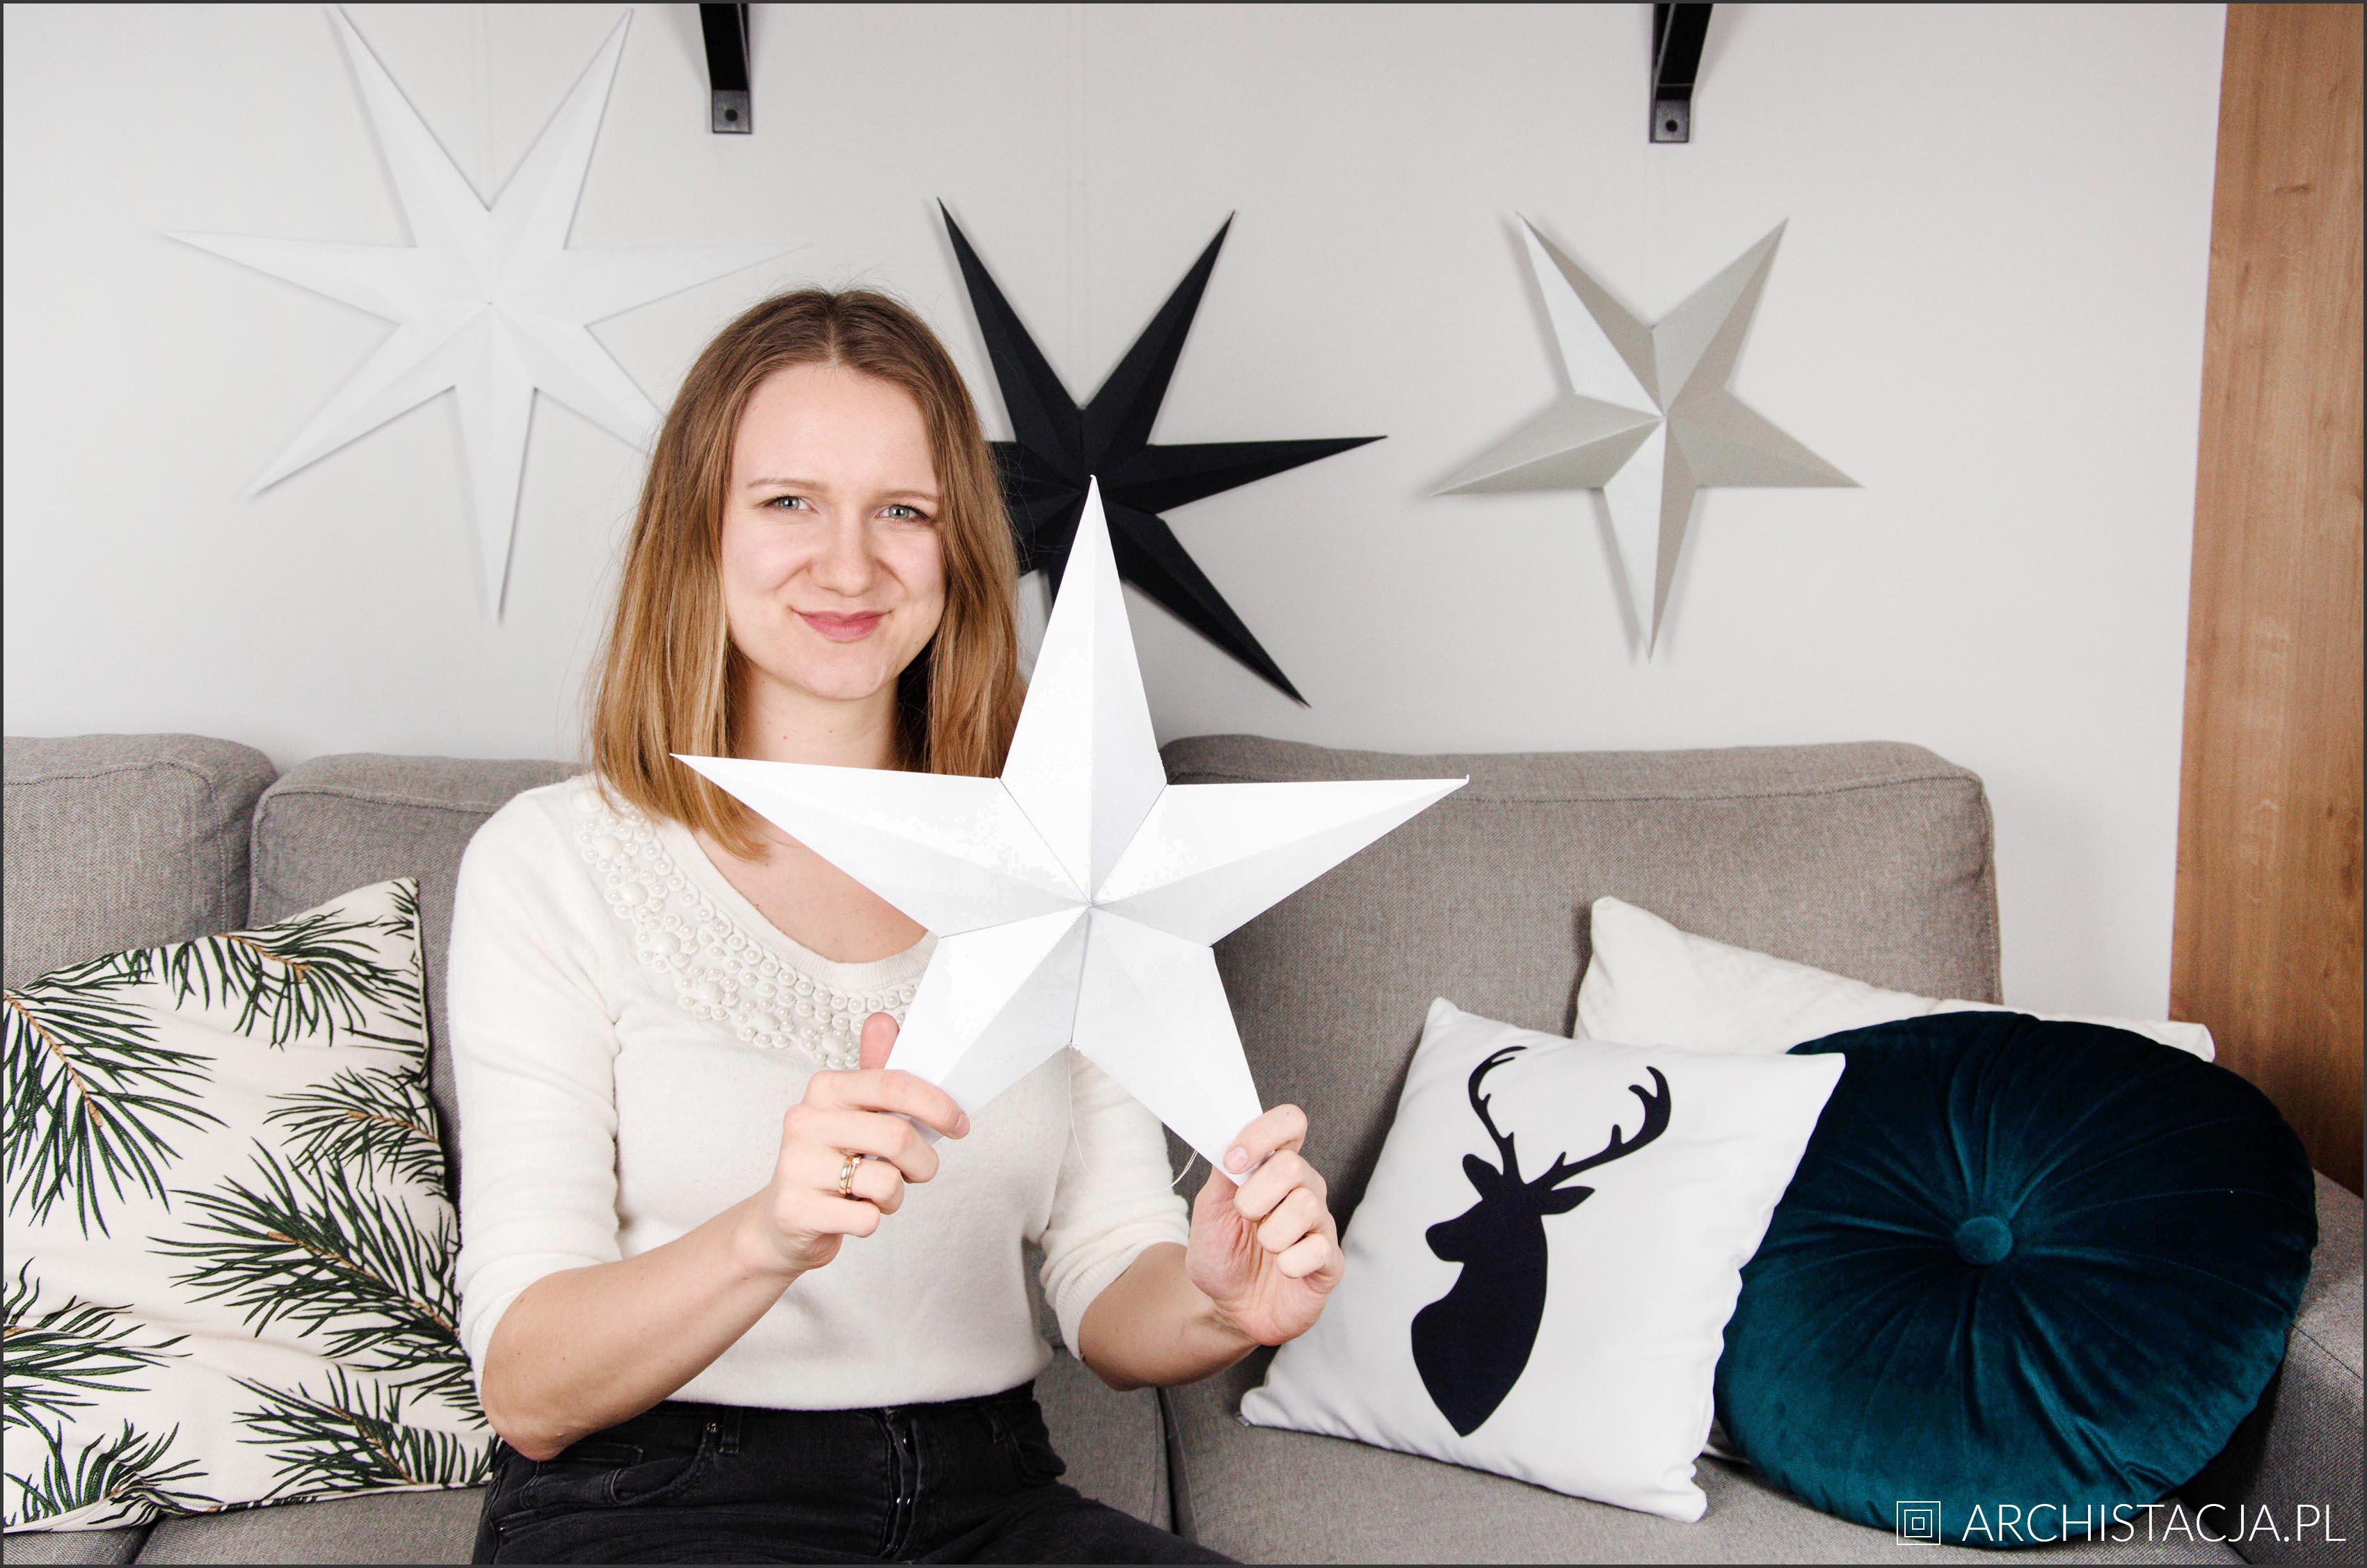 Gwiazda z papieru DIY [FILM]